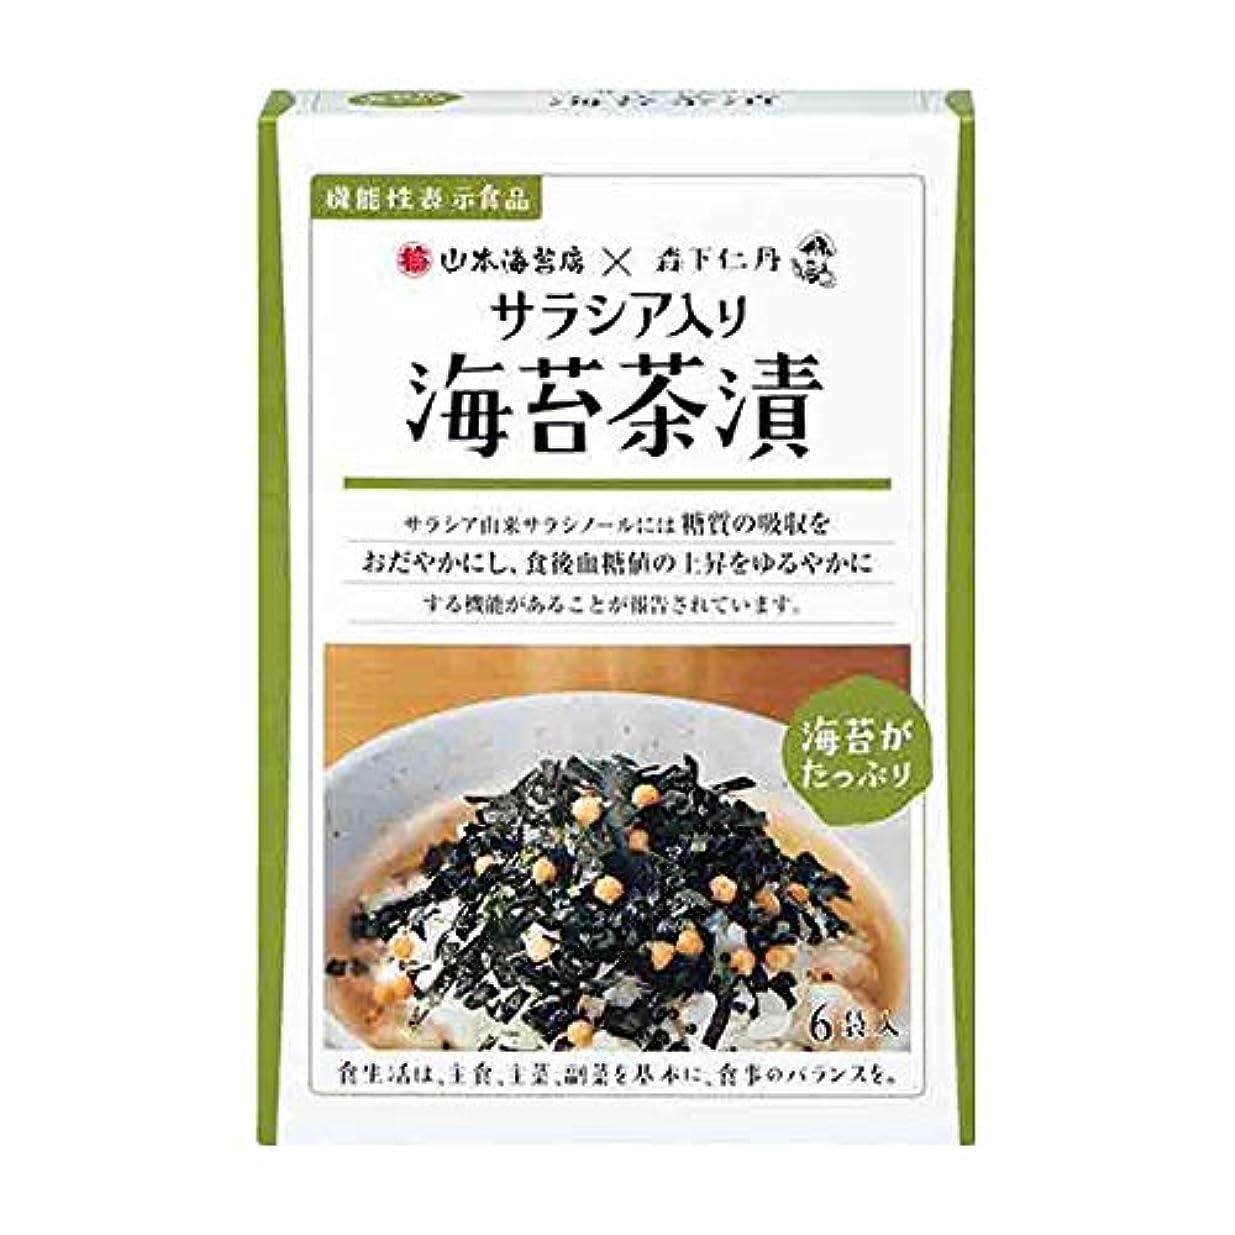 おばあさんレギュラー家庭教師森下仁丹 海苔茶漬 サラシア入り (6.2g×6袋) [機能性表示食品]